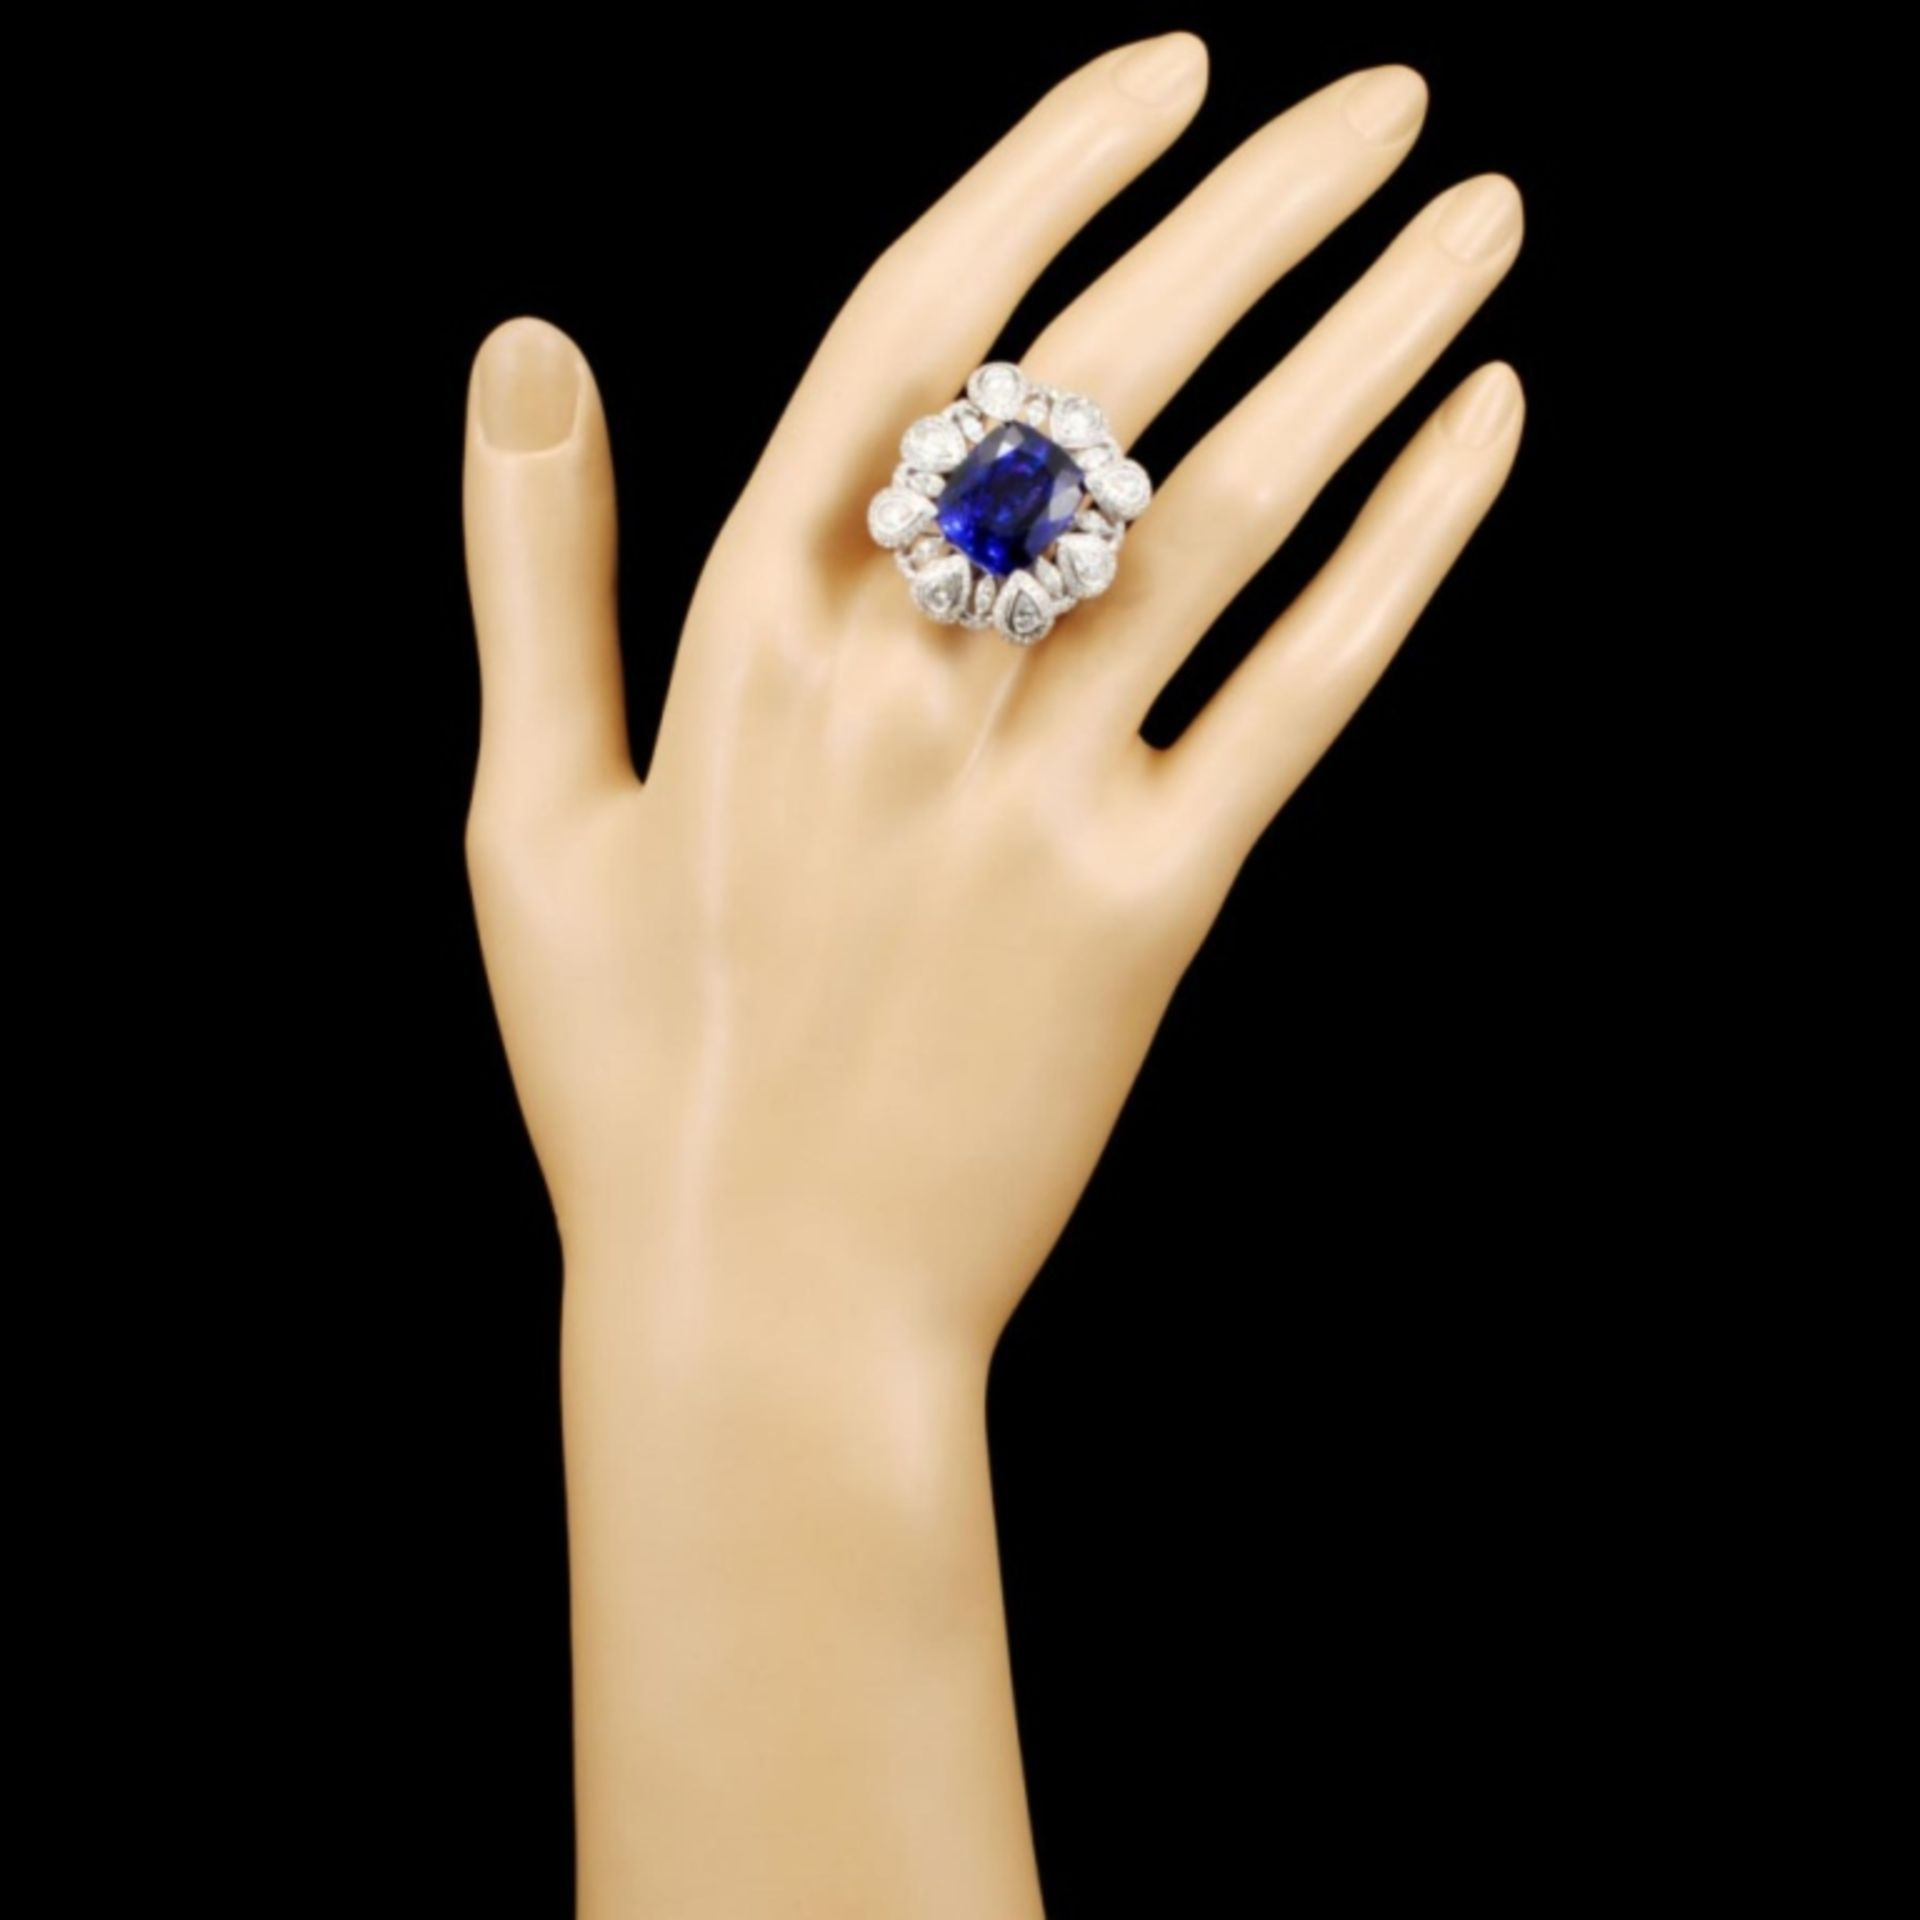 18K Gold 17.56ct Tanzanite & 3.50ctw Diamond Ring - Image 4 of 5